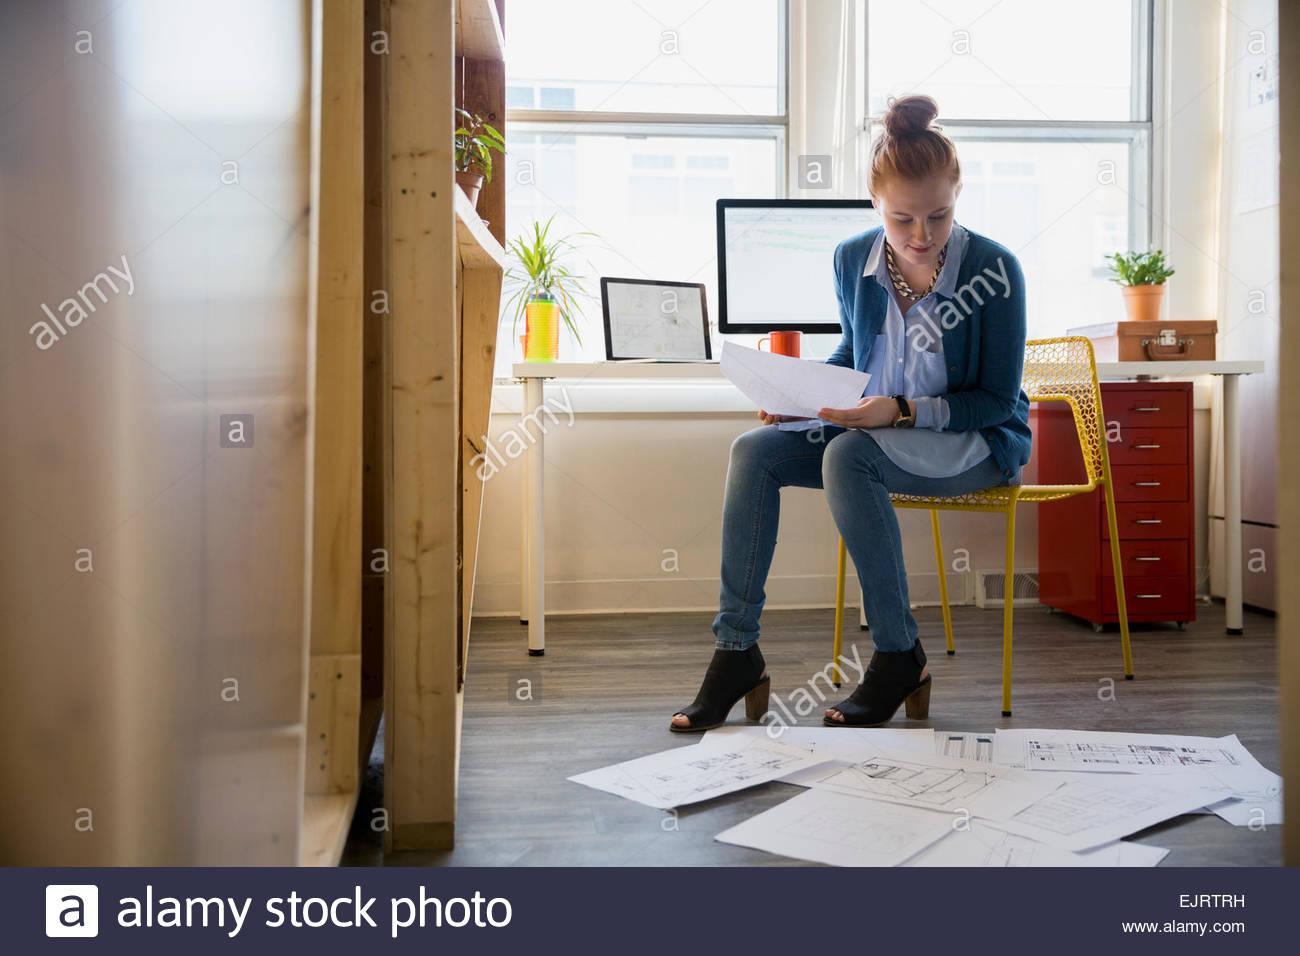 El arquitecto revisando planos sobre el suelo de su oficina Imagen De Stock